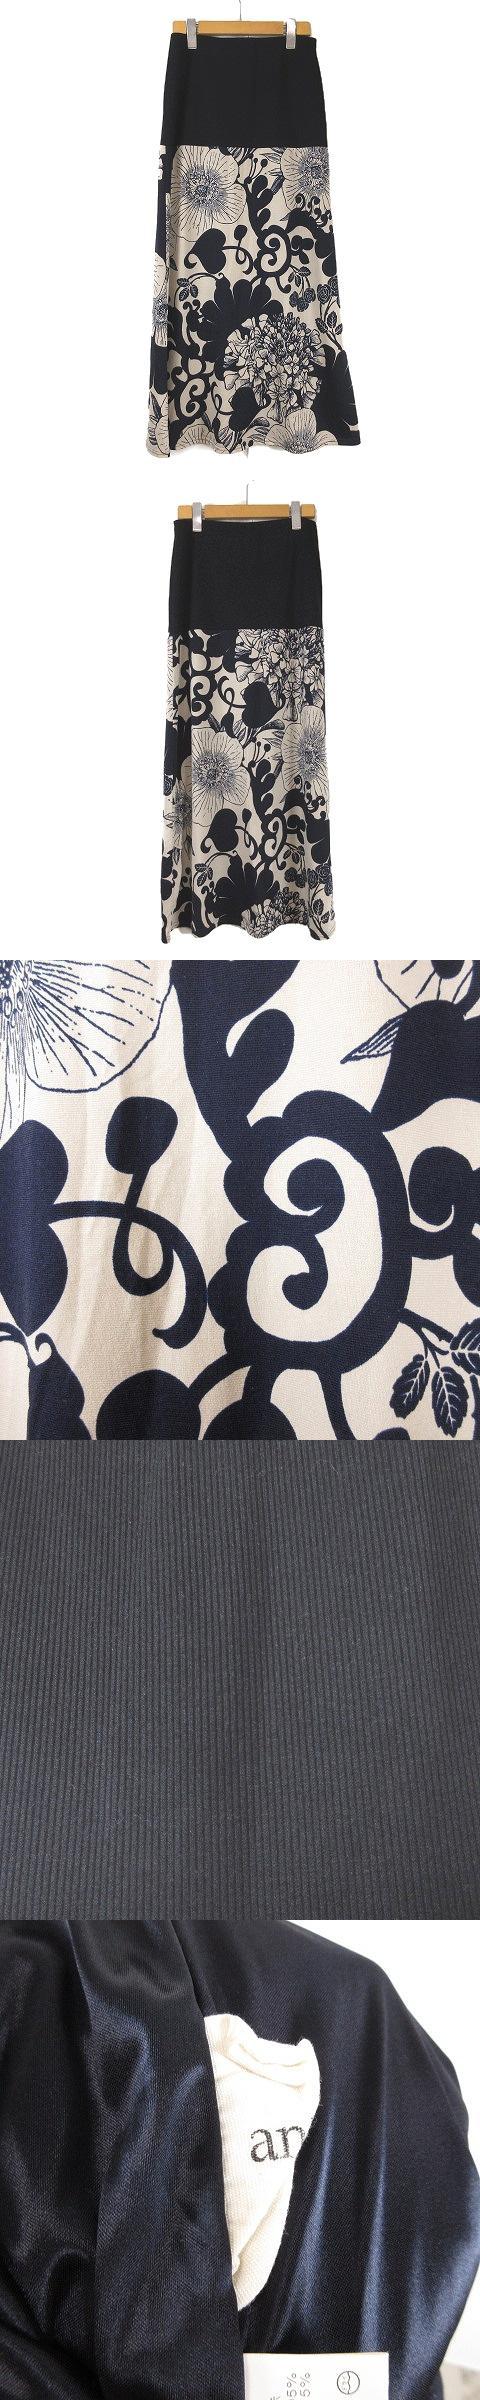 アンティカ antiqua 大花柄 ロング スカート リブウエスト マキシ丈 ベージュ ネイビー/U06